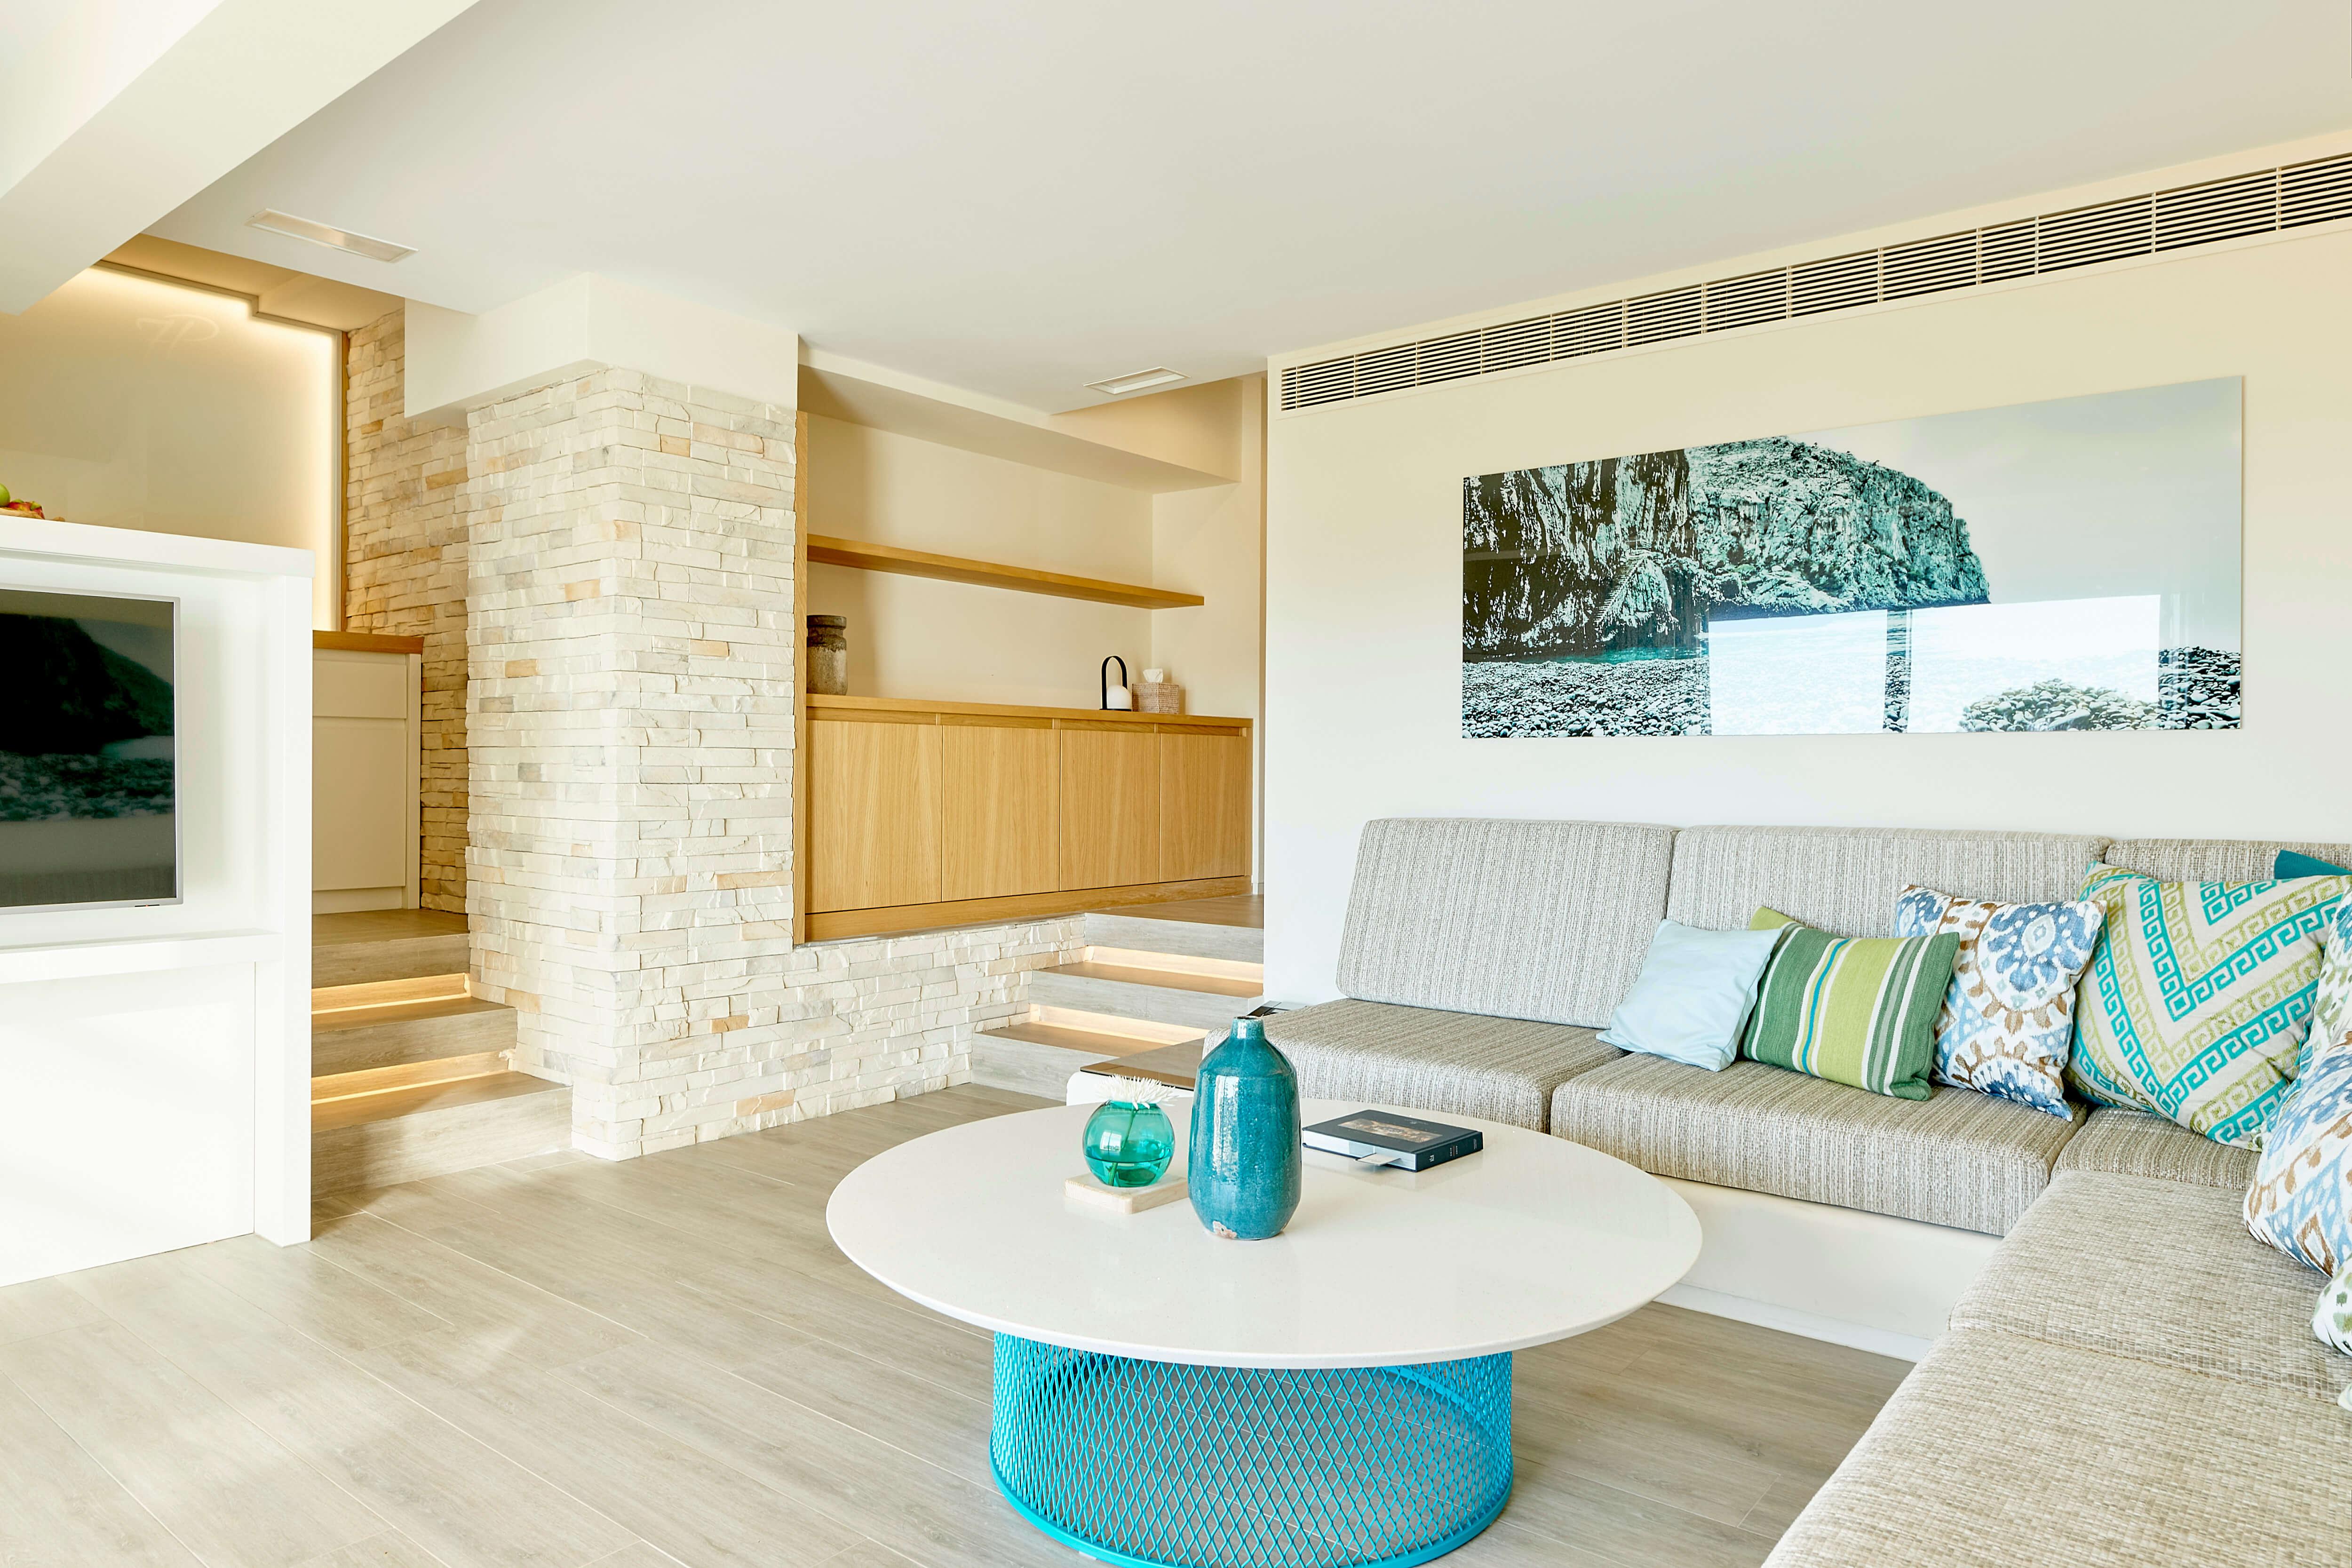 7KIBZ1_Resort-Suite-Deluxe_4_H